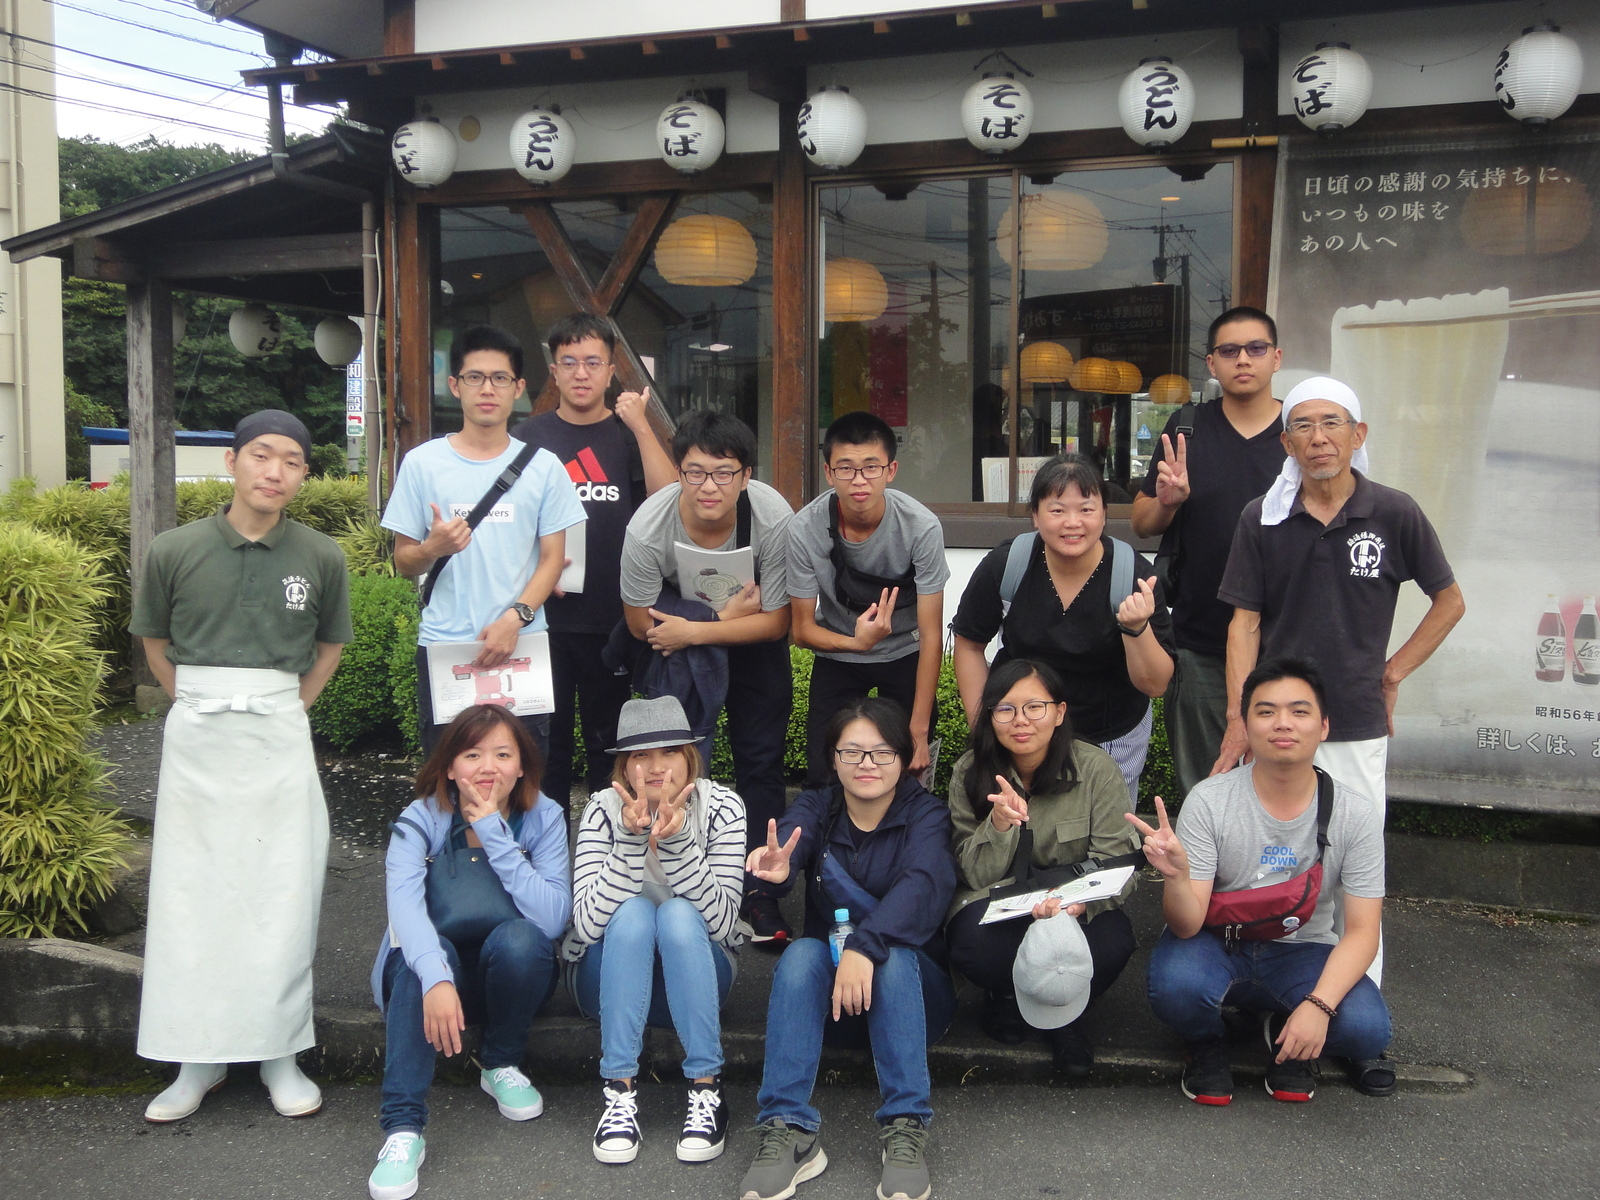 手打ちうどん体験 ~台湾からの大学生が来てくれました~